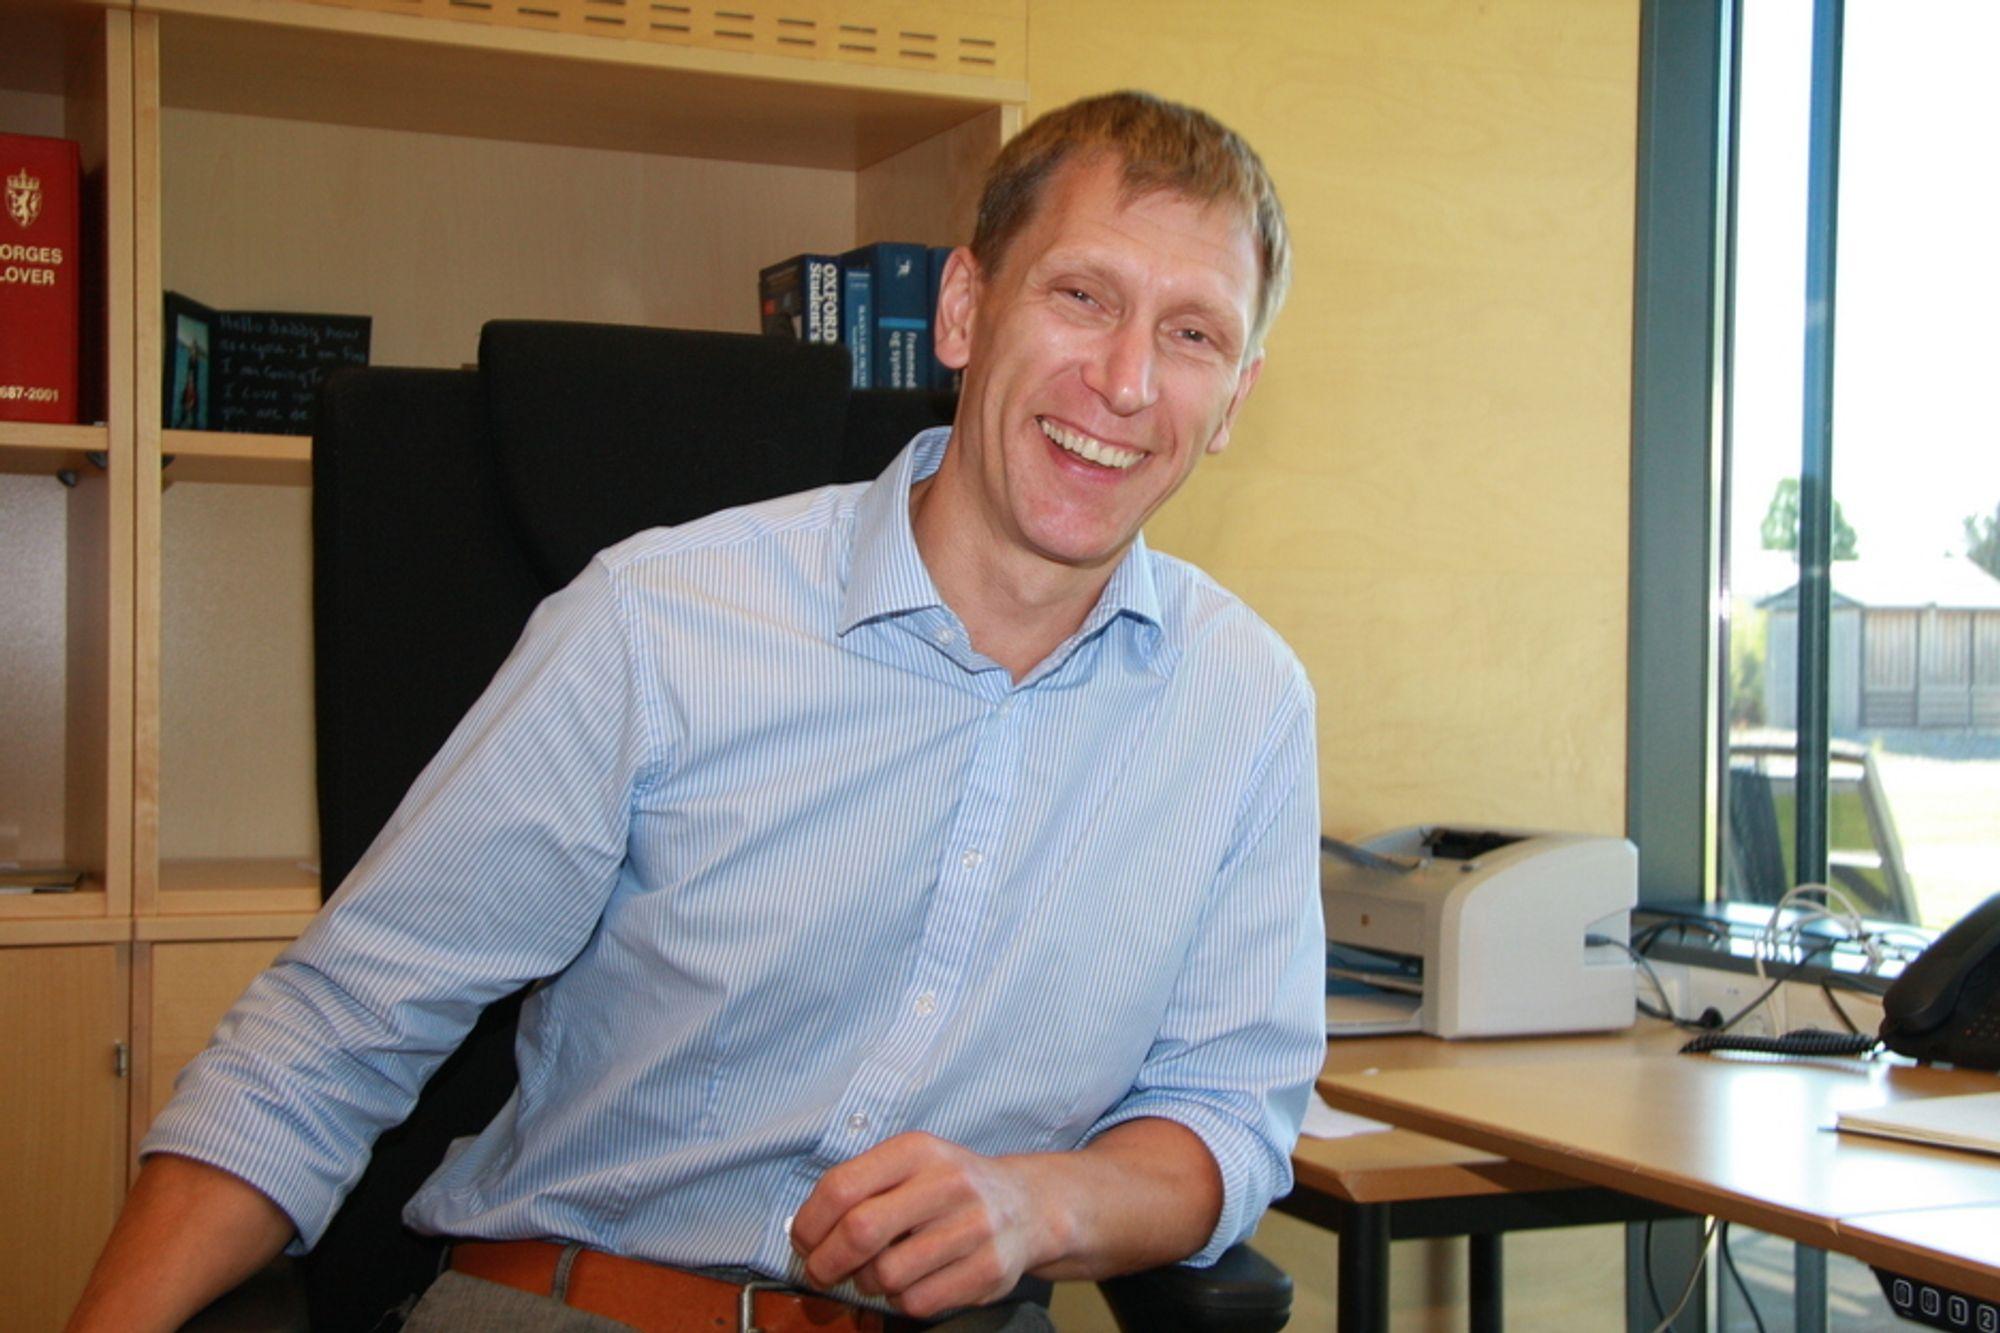 STOLT: SHT-direktør William Bertheussen er fornøyd med at EU-organet EMSA vil ha norsk ekspertise med på laget, selv om det bare er for ett år.